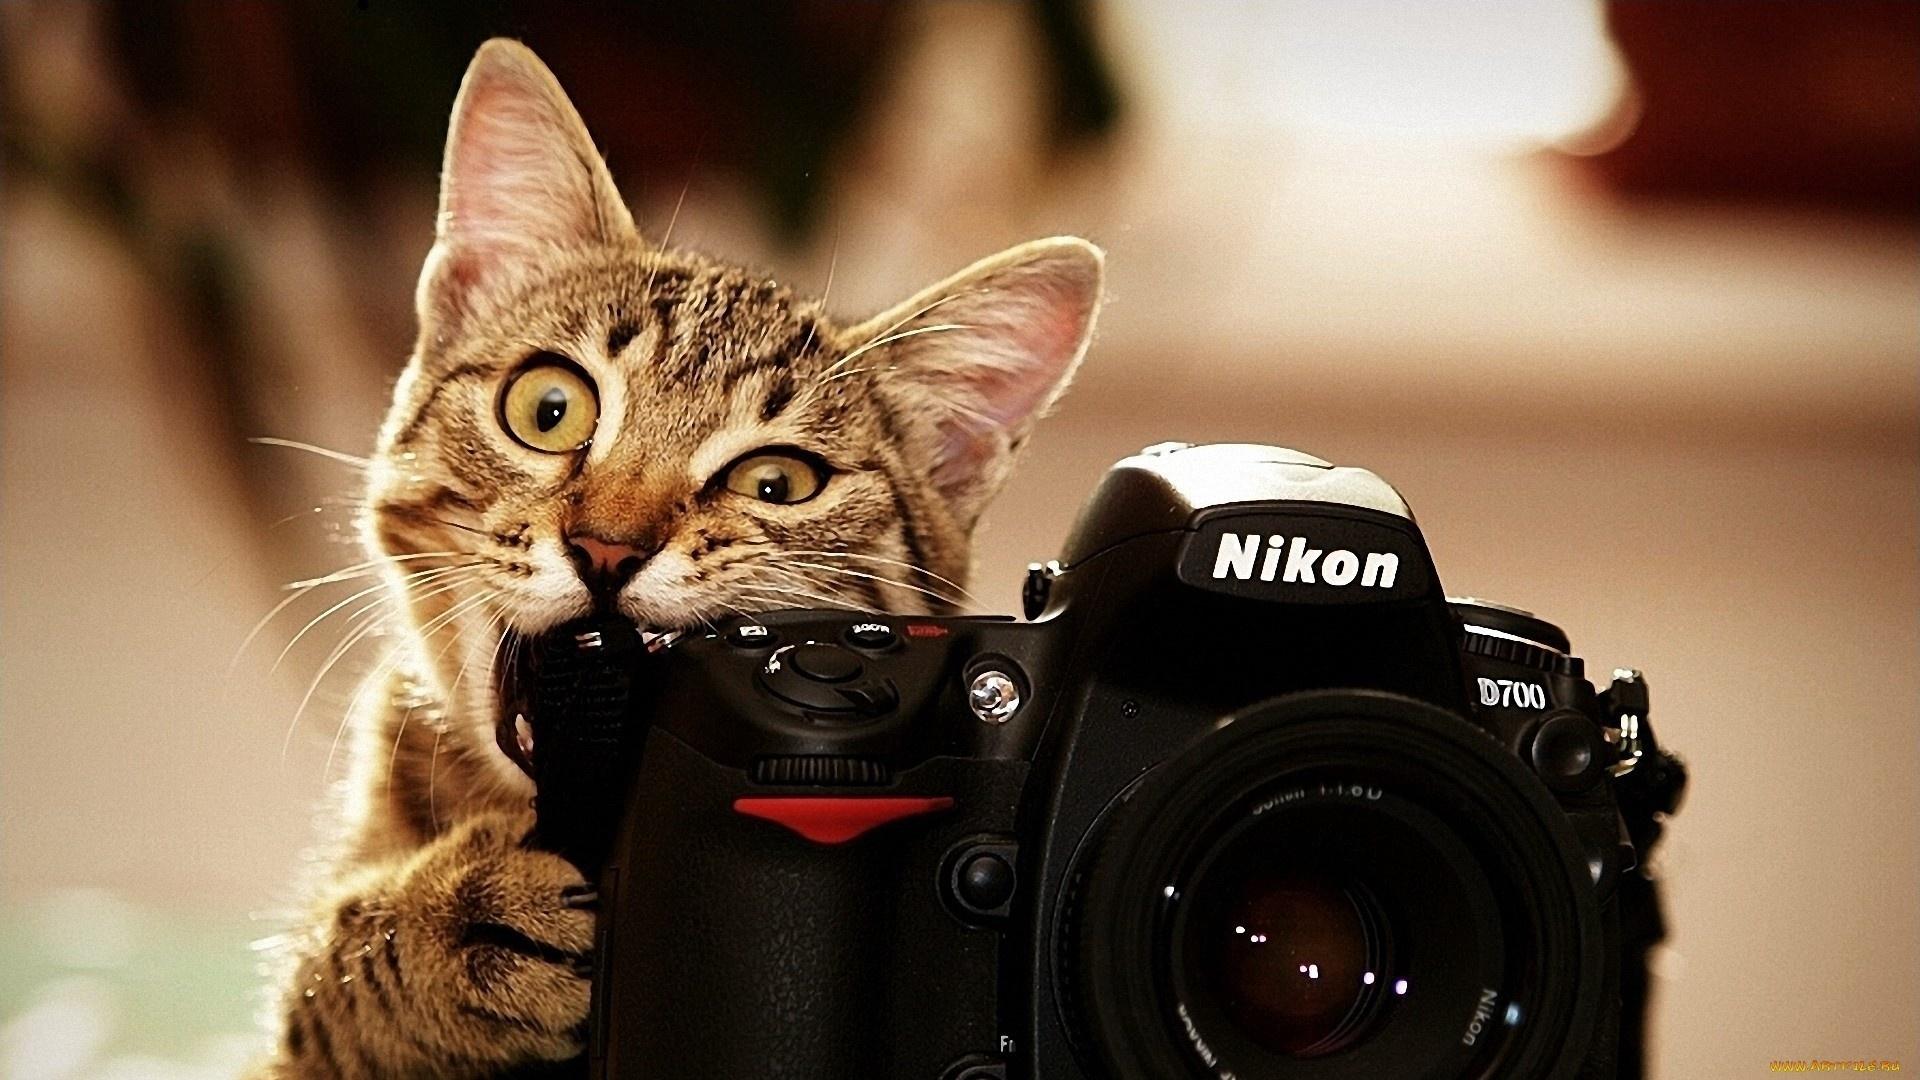 картинки красивые прикольные на телефон интересные картинке изображены